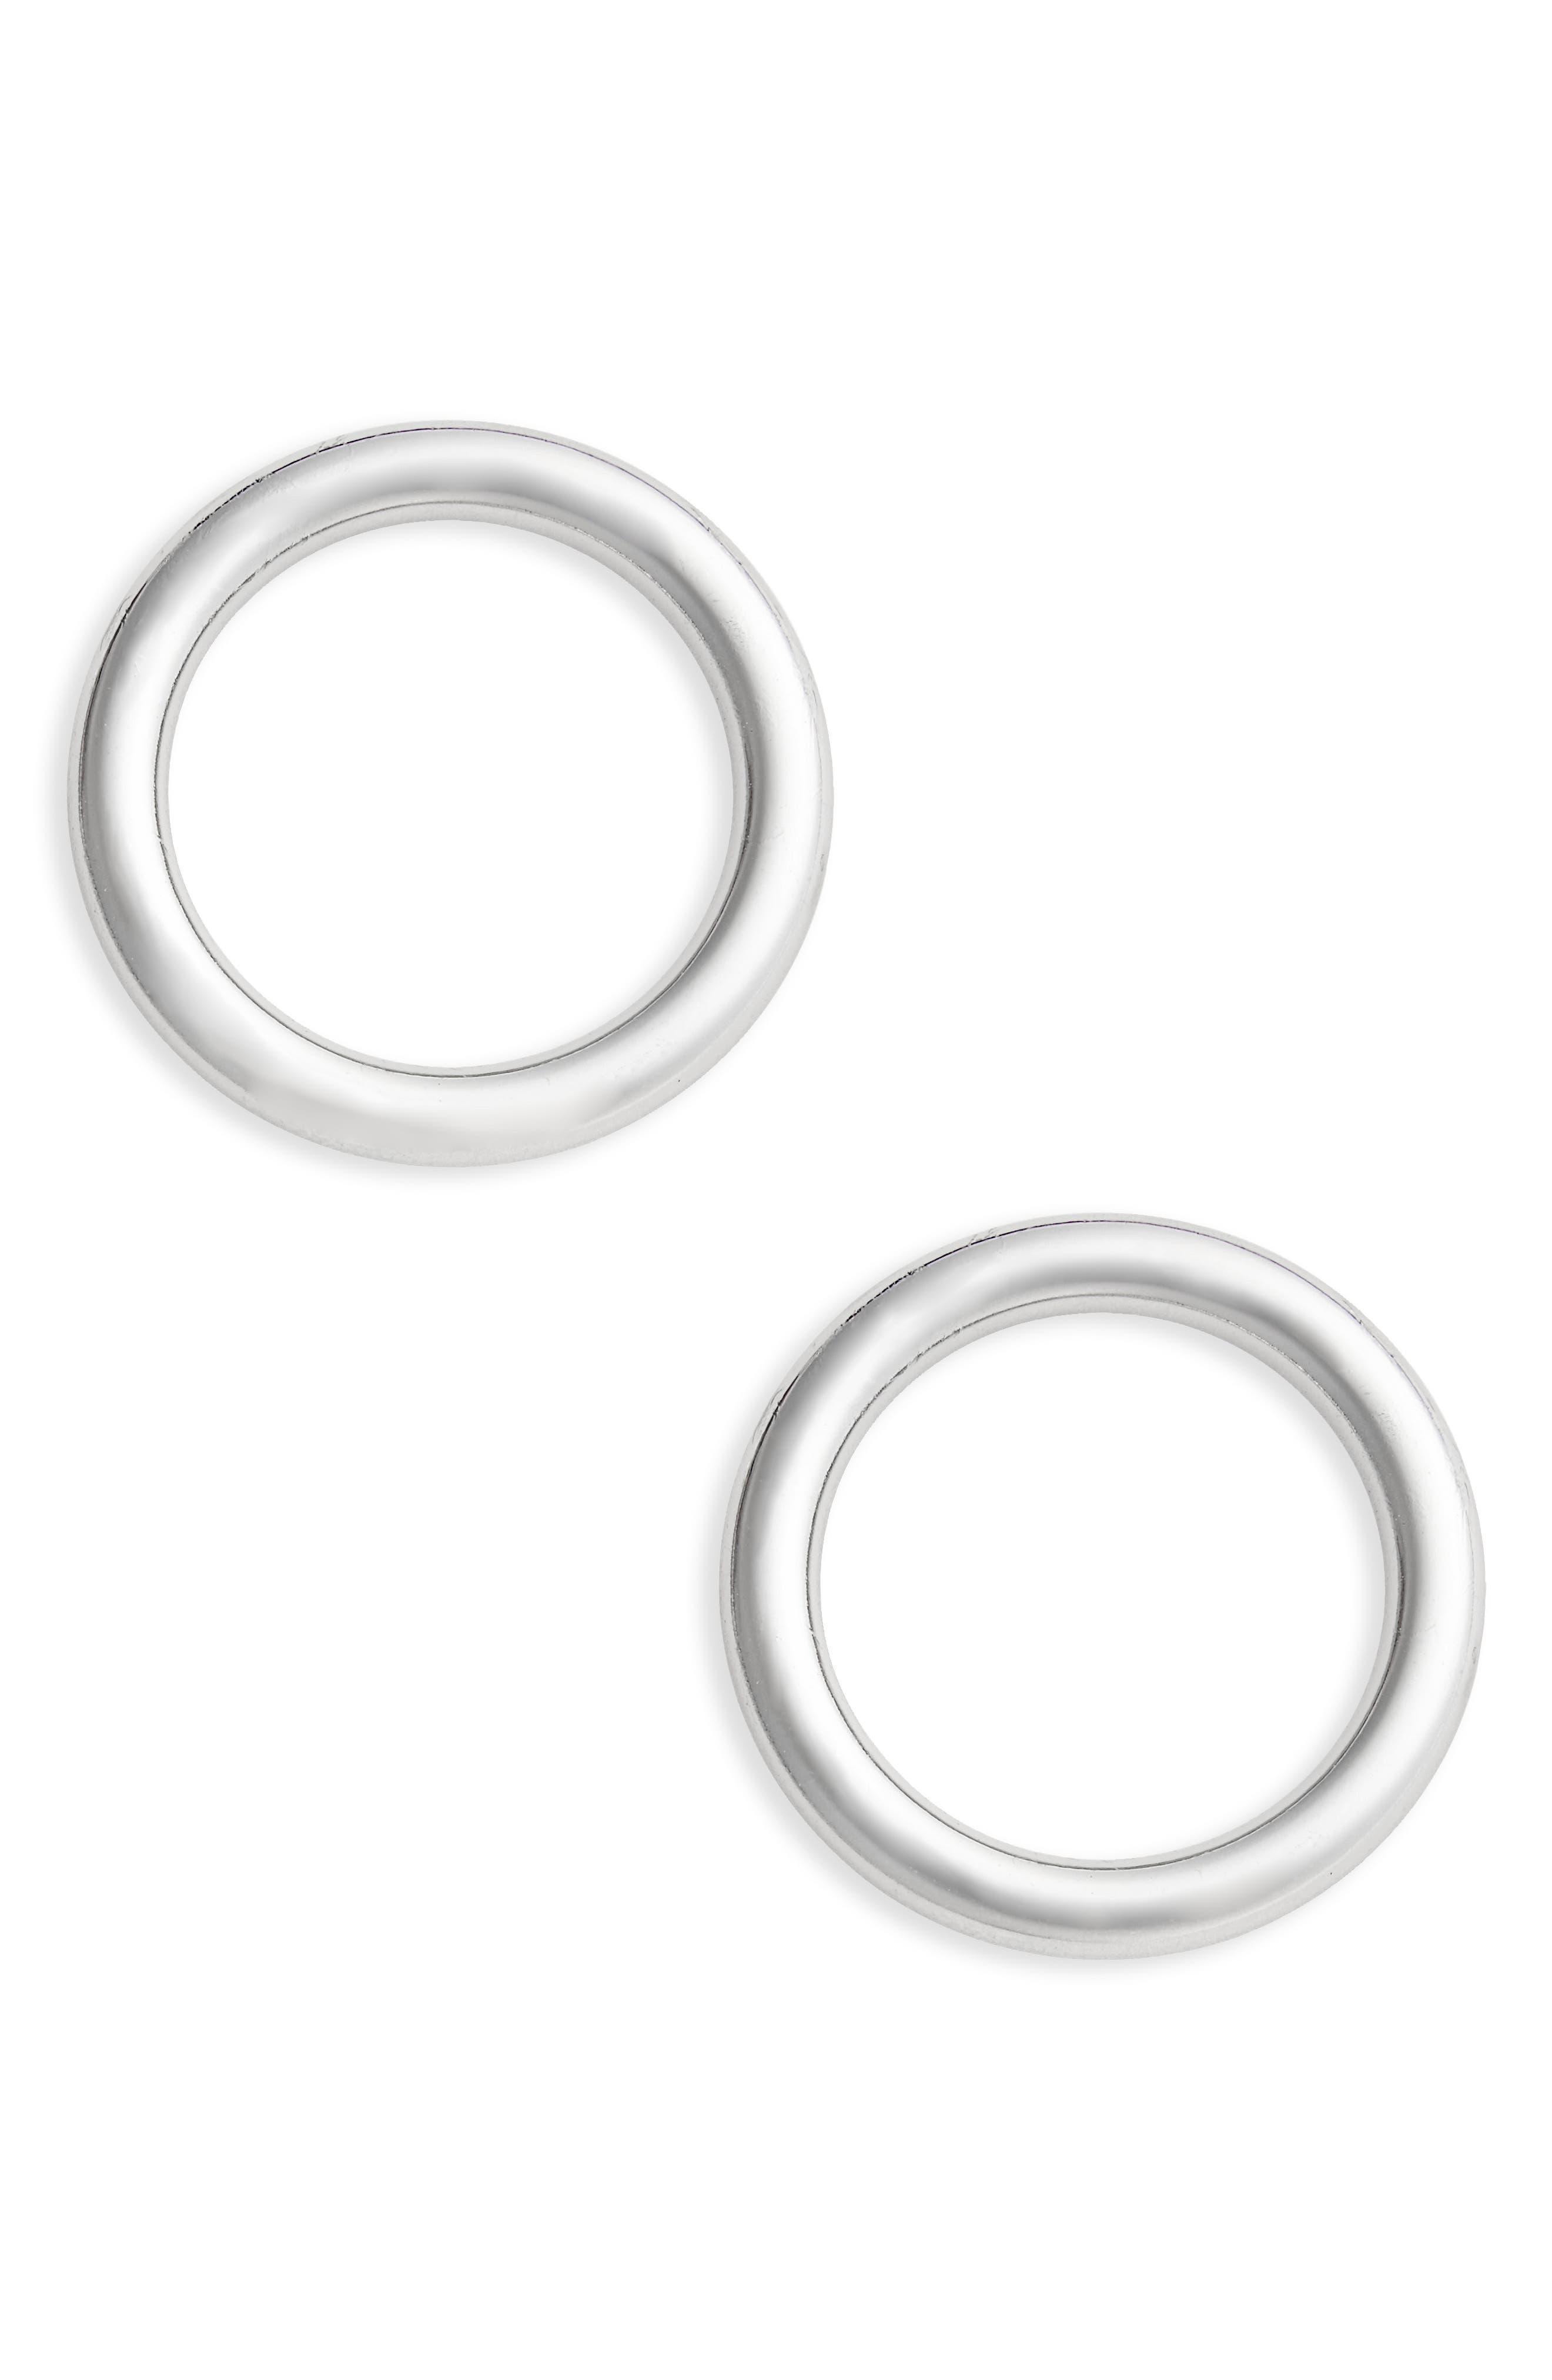 Alternate Image 1 Selected - Topshop Circular Earrings